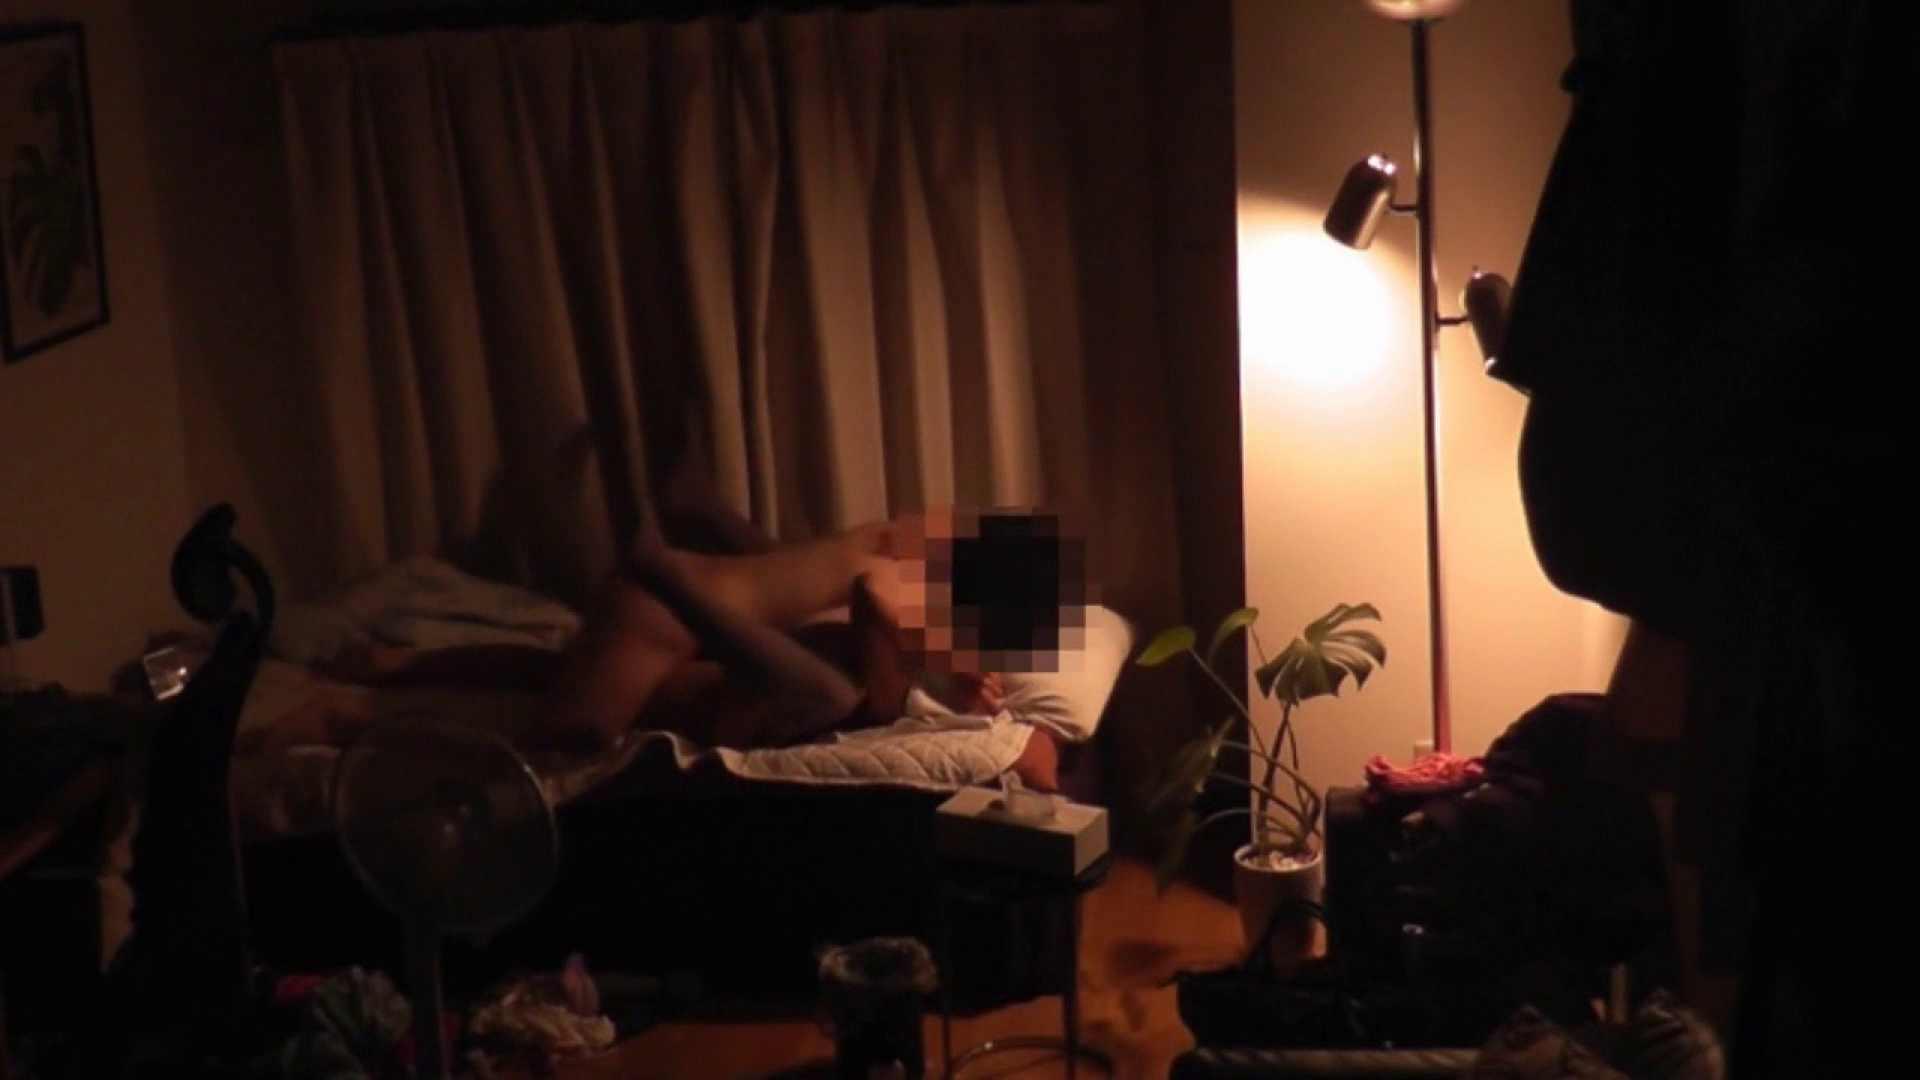 美女だらけのプライベートSEXvol.1 美女丸裸 オメコ動画キャプチャ 90pic 82